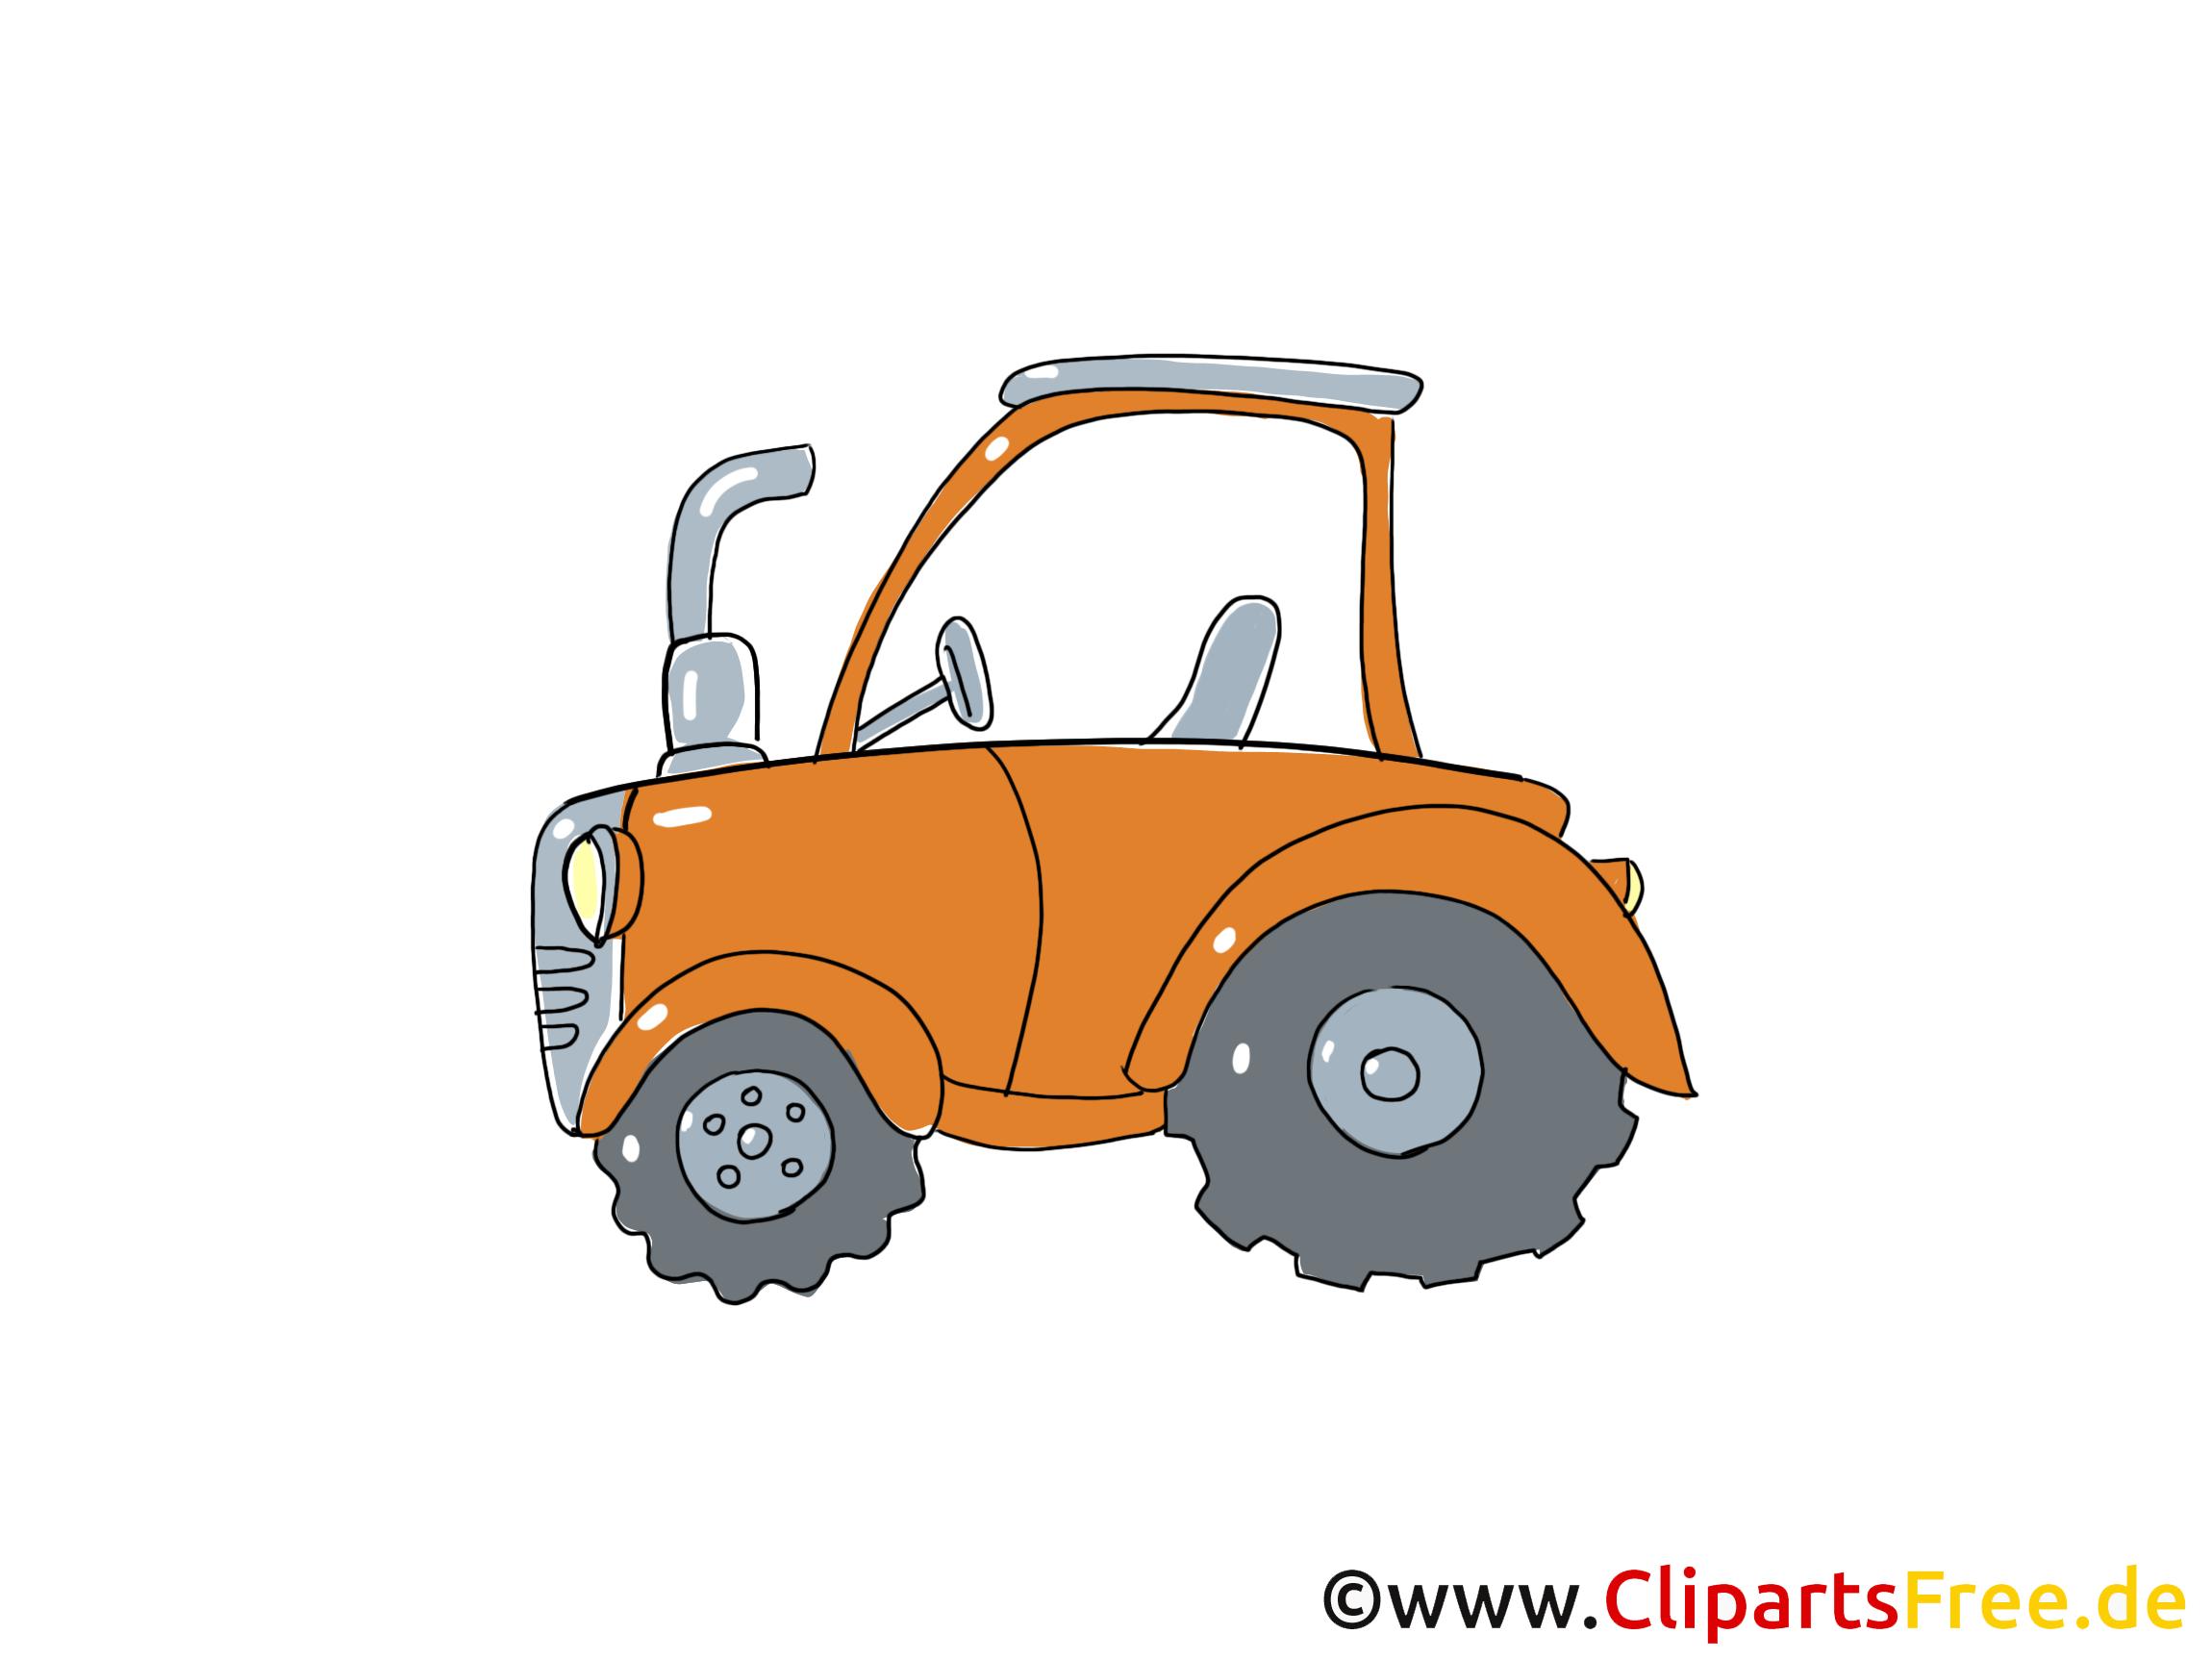 Tracteur dessins gratuits clipart gratuit technologie - Jeu de tracteur agricole gratuit ...